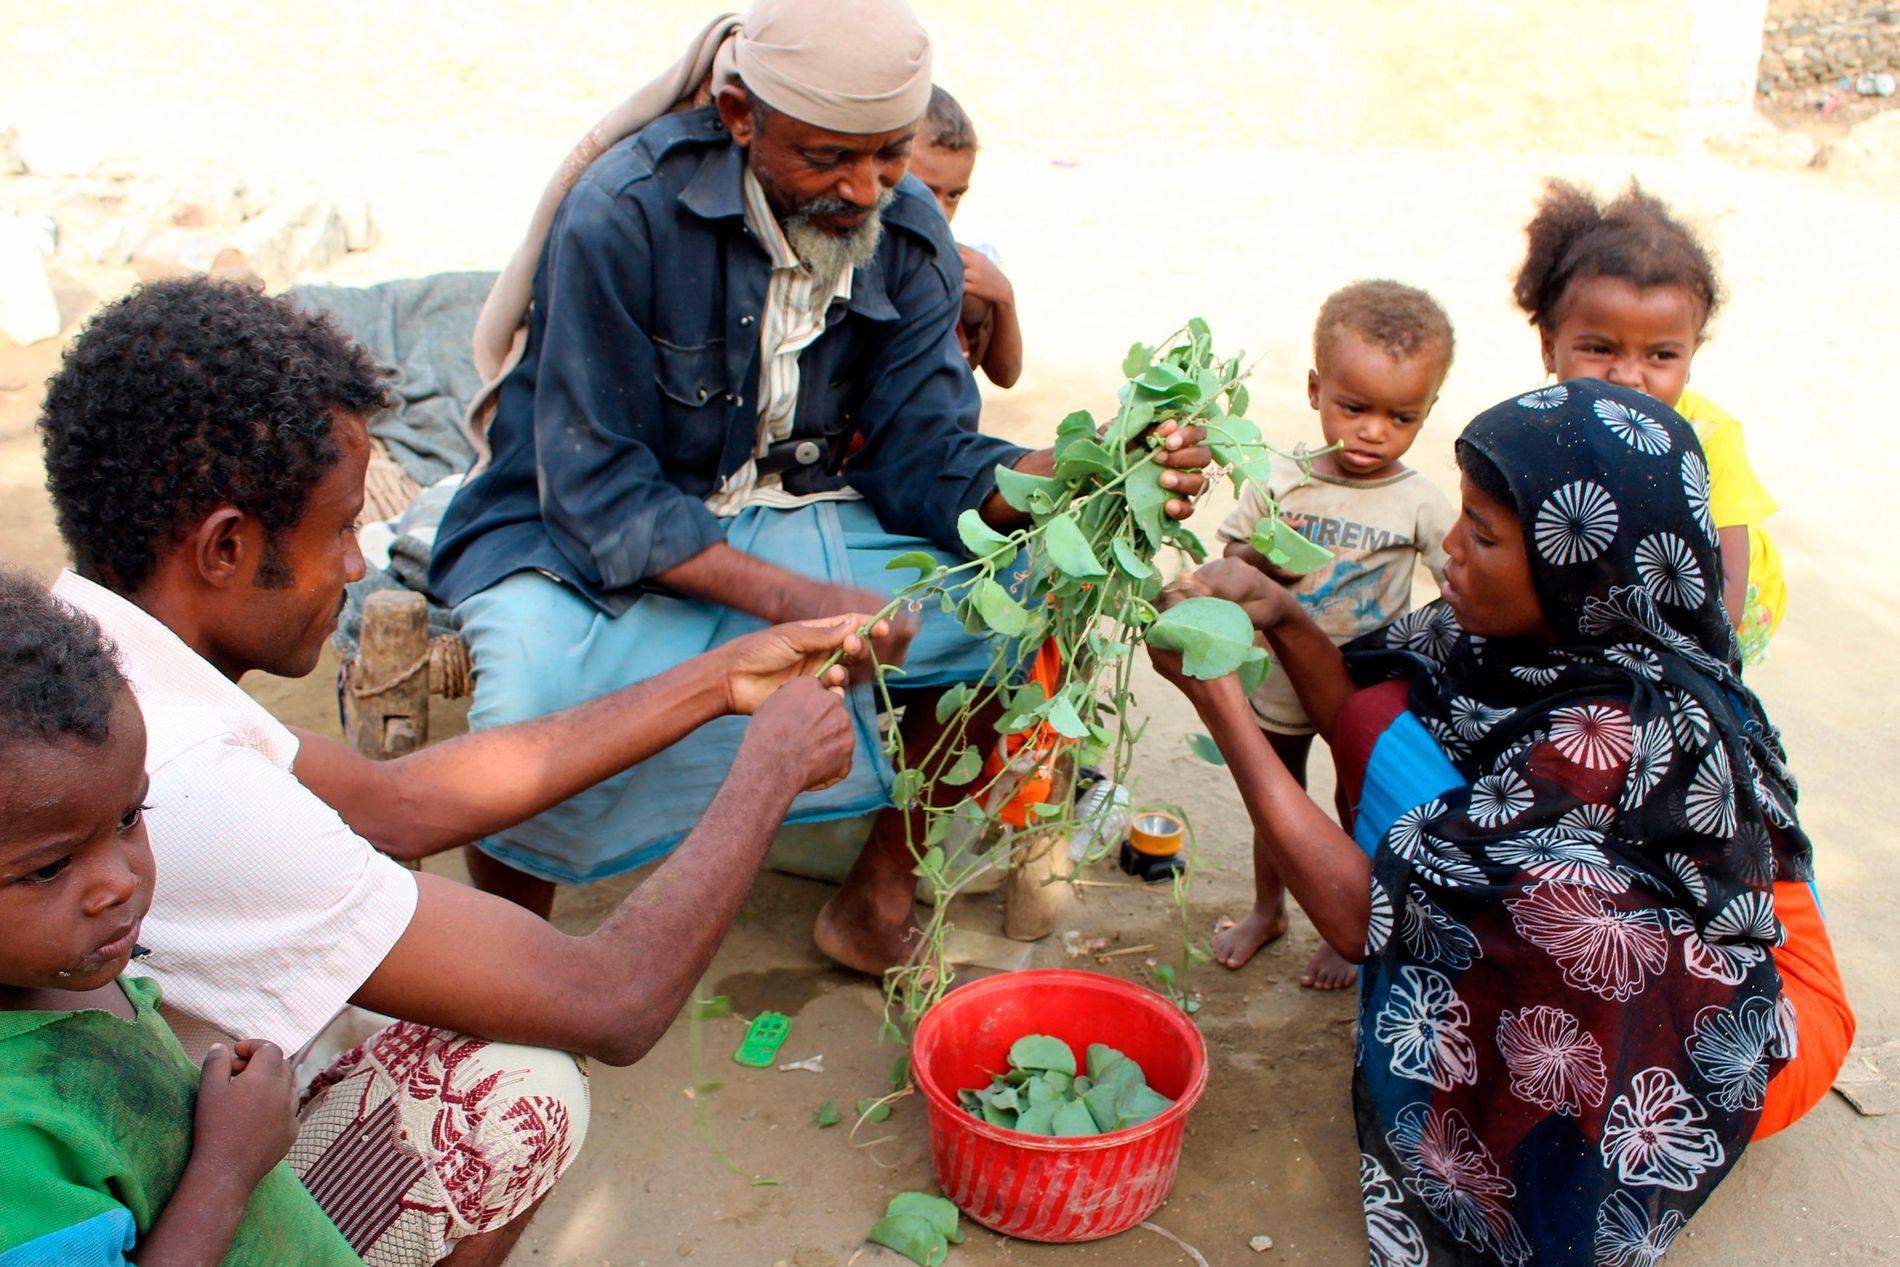 LITE NÆRING: En familie plukker løv til mat, grunnet fattigdom i Abs-distriktet i Jemen i august i år.